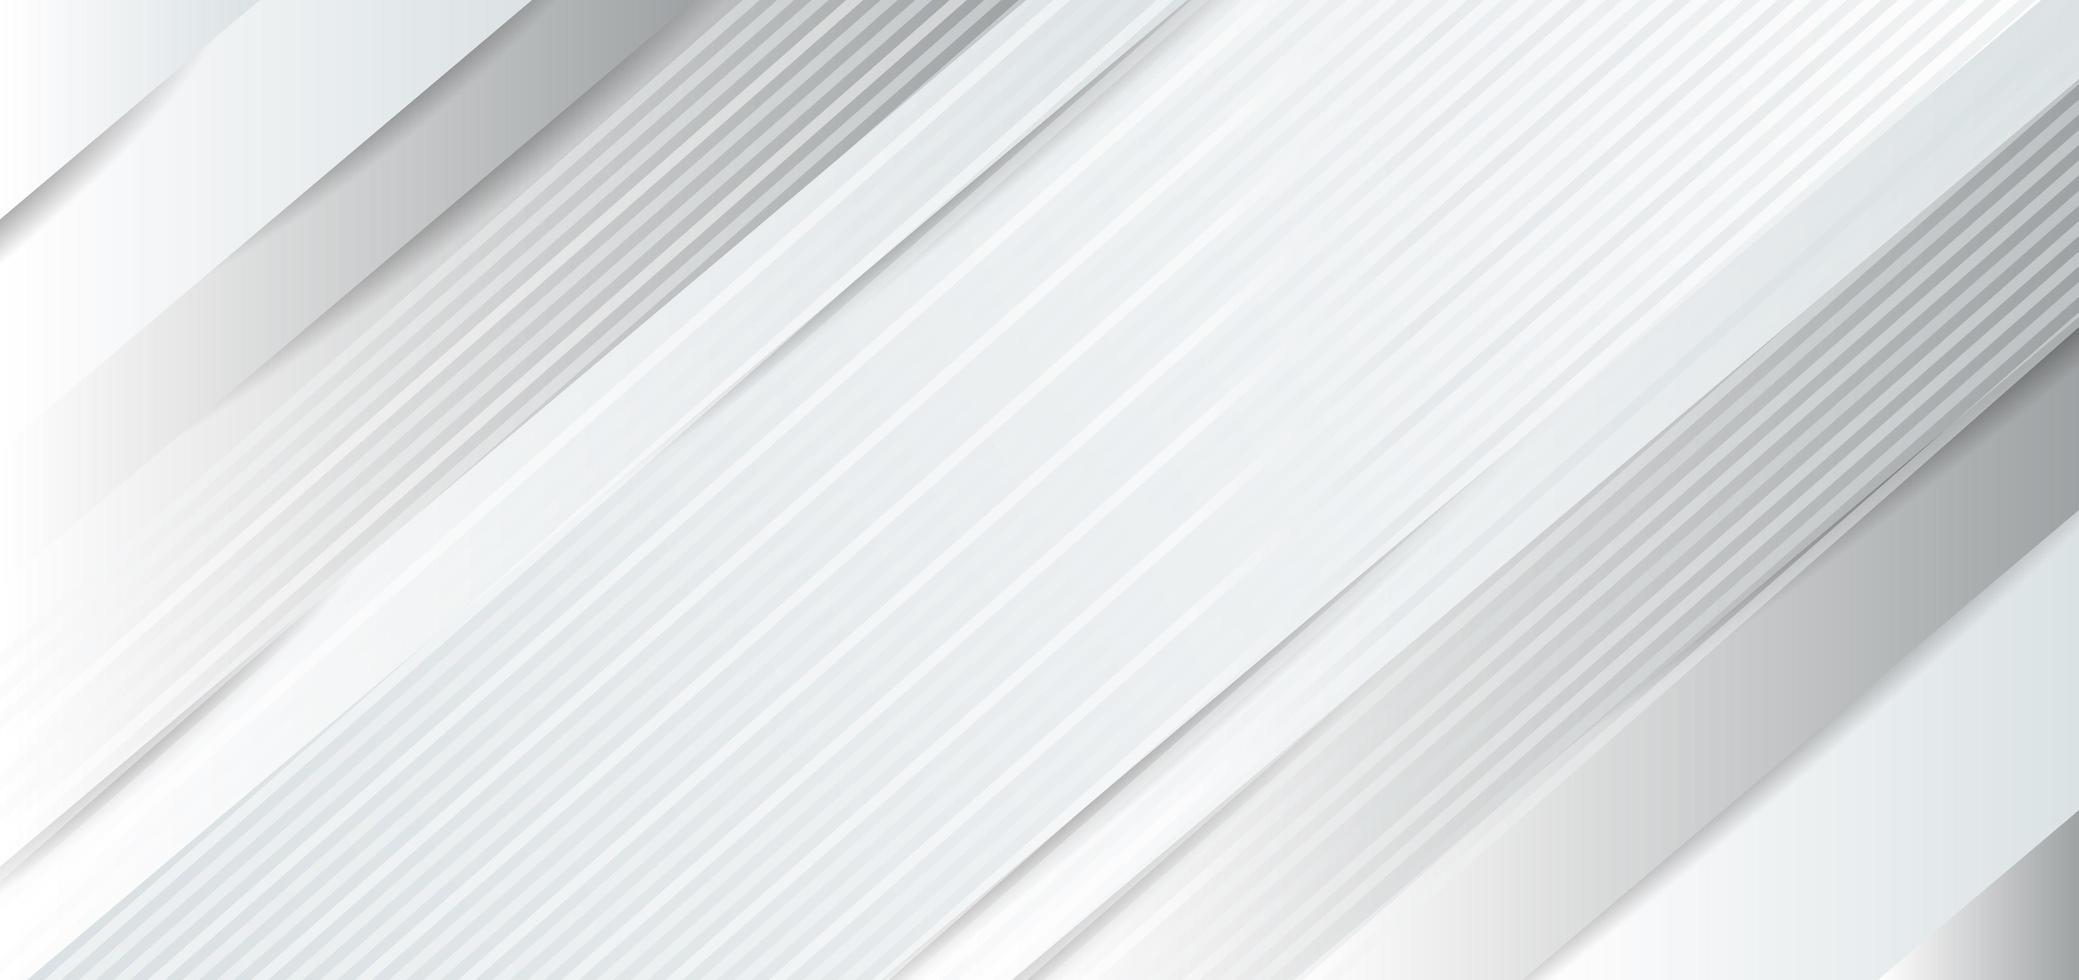 bianco, grigio sfondo astratto carta lucentezza e strati vettore